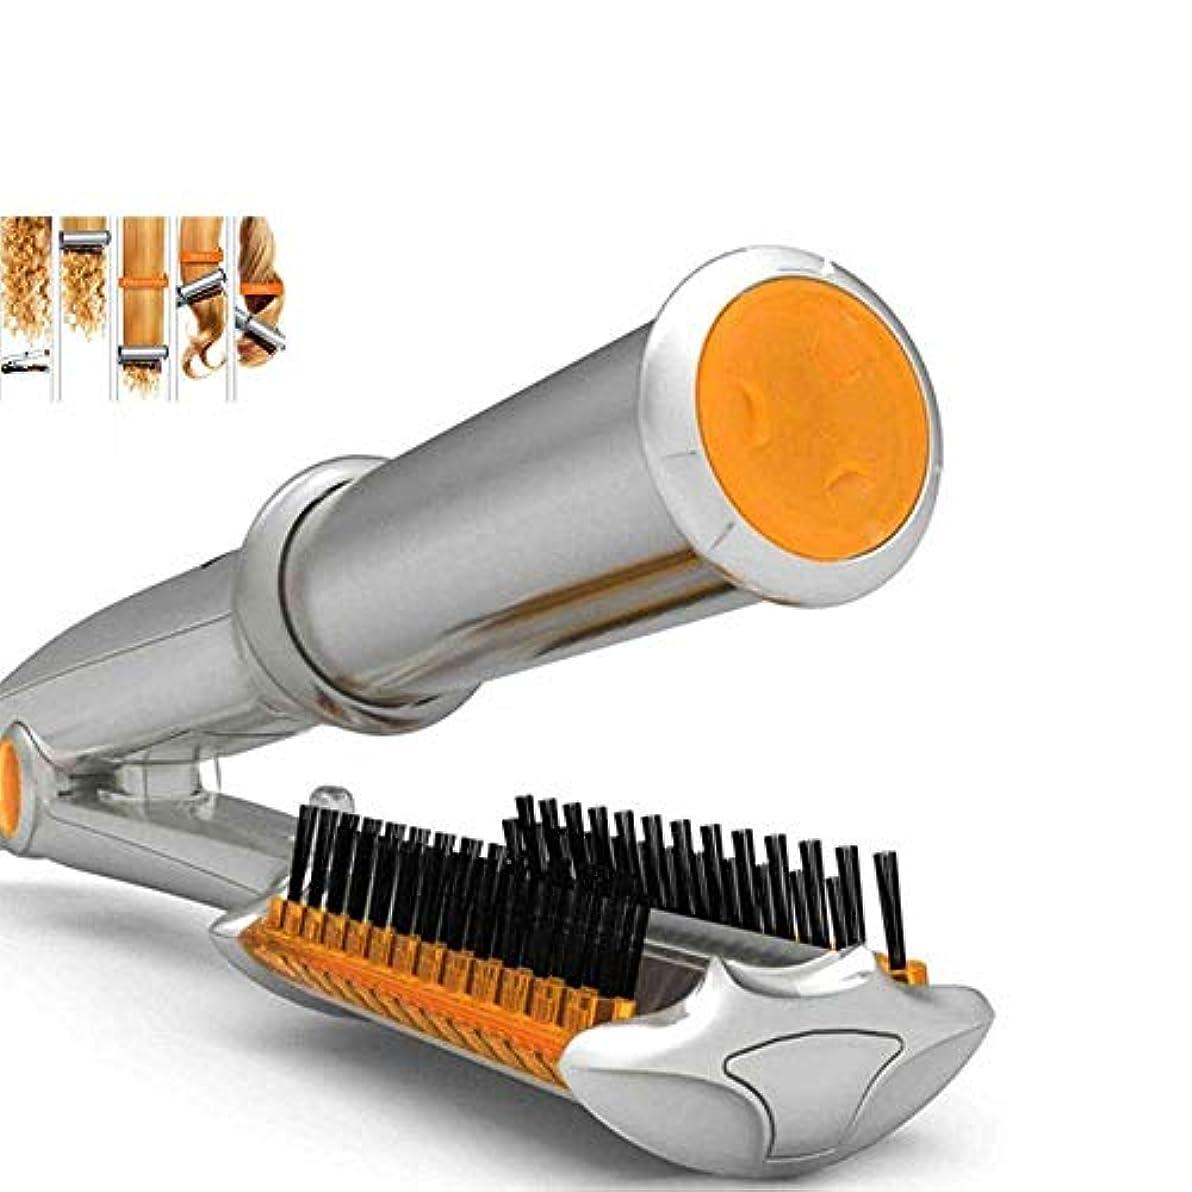 日光電話線カーラーストレートヘアデュアルユースエッグロール自動カーリングアイアン PTC 加熱スマート3速調整温度